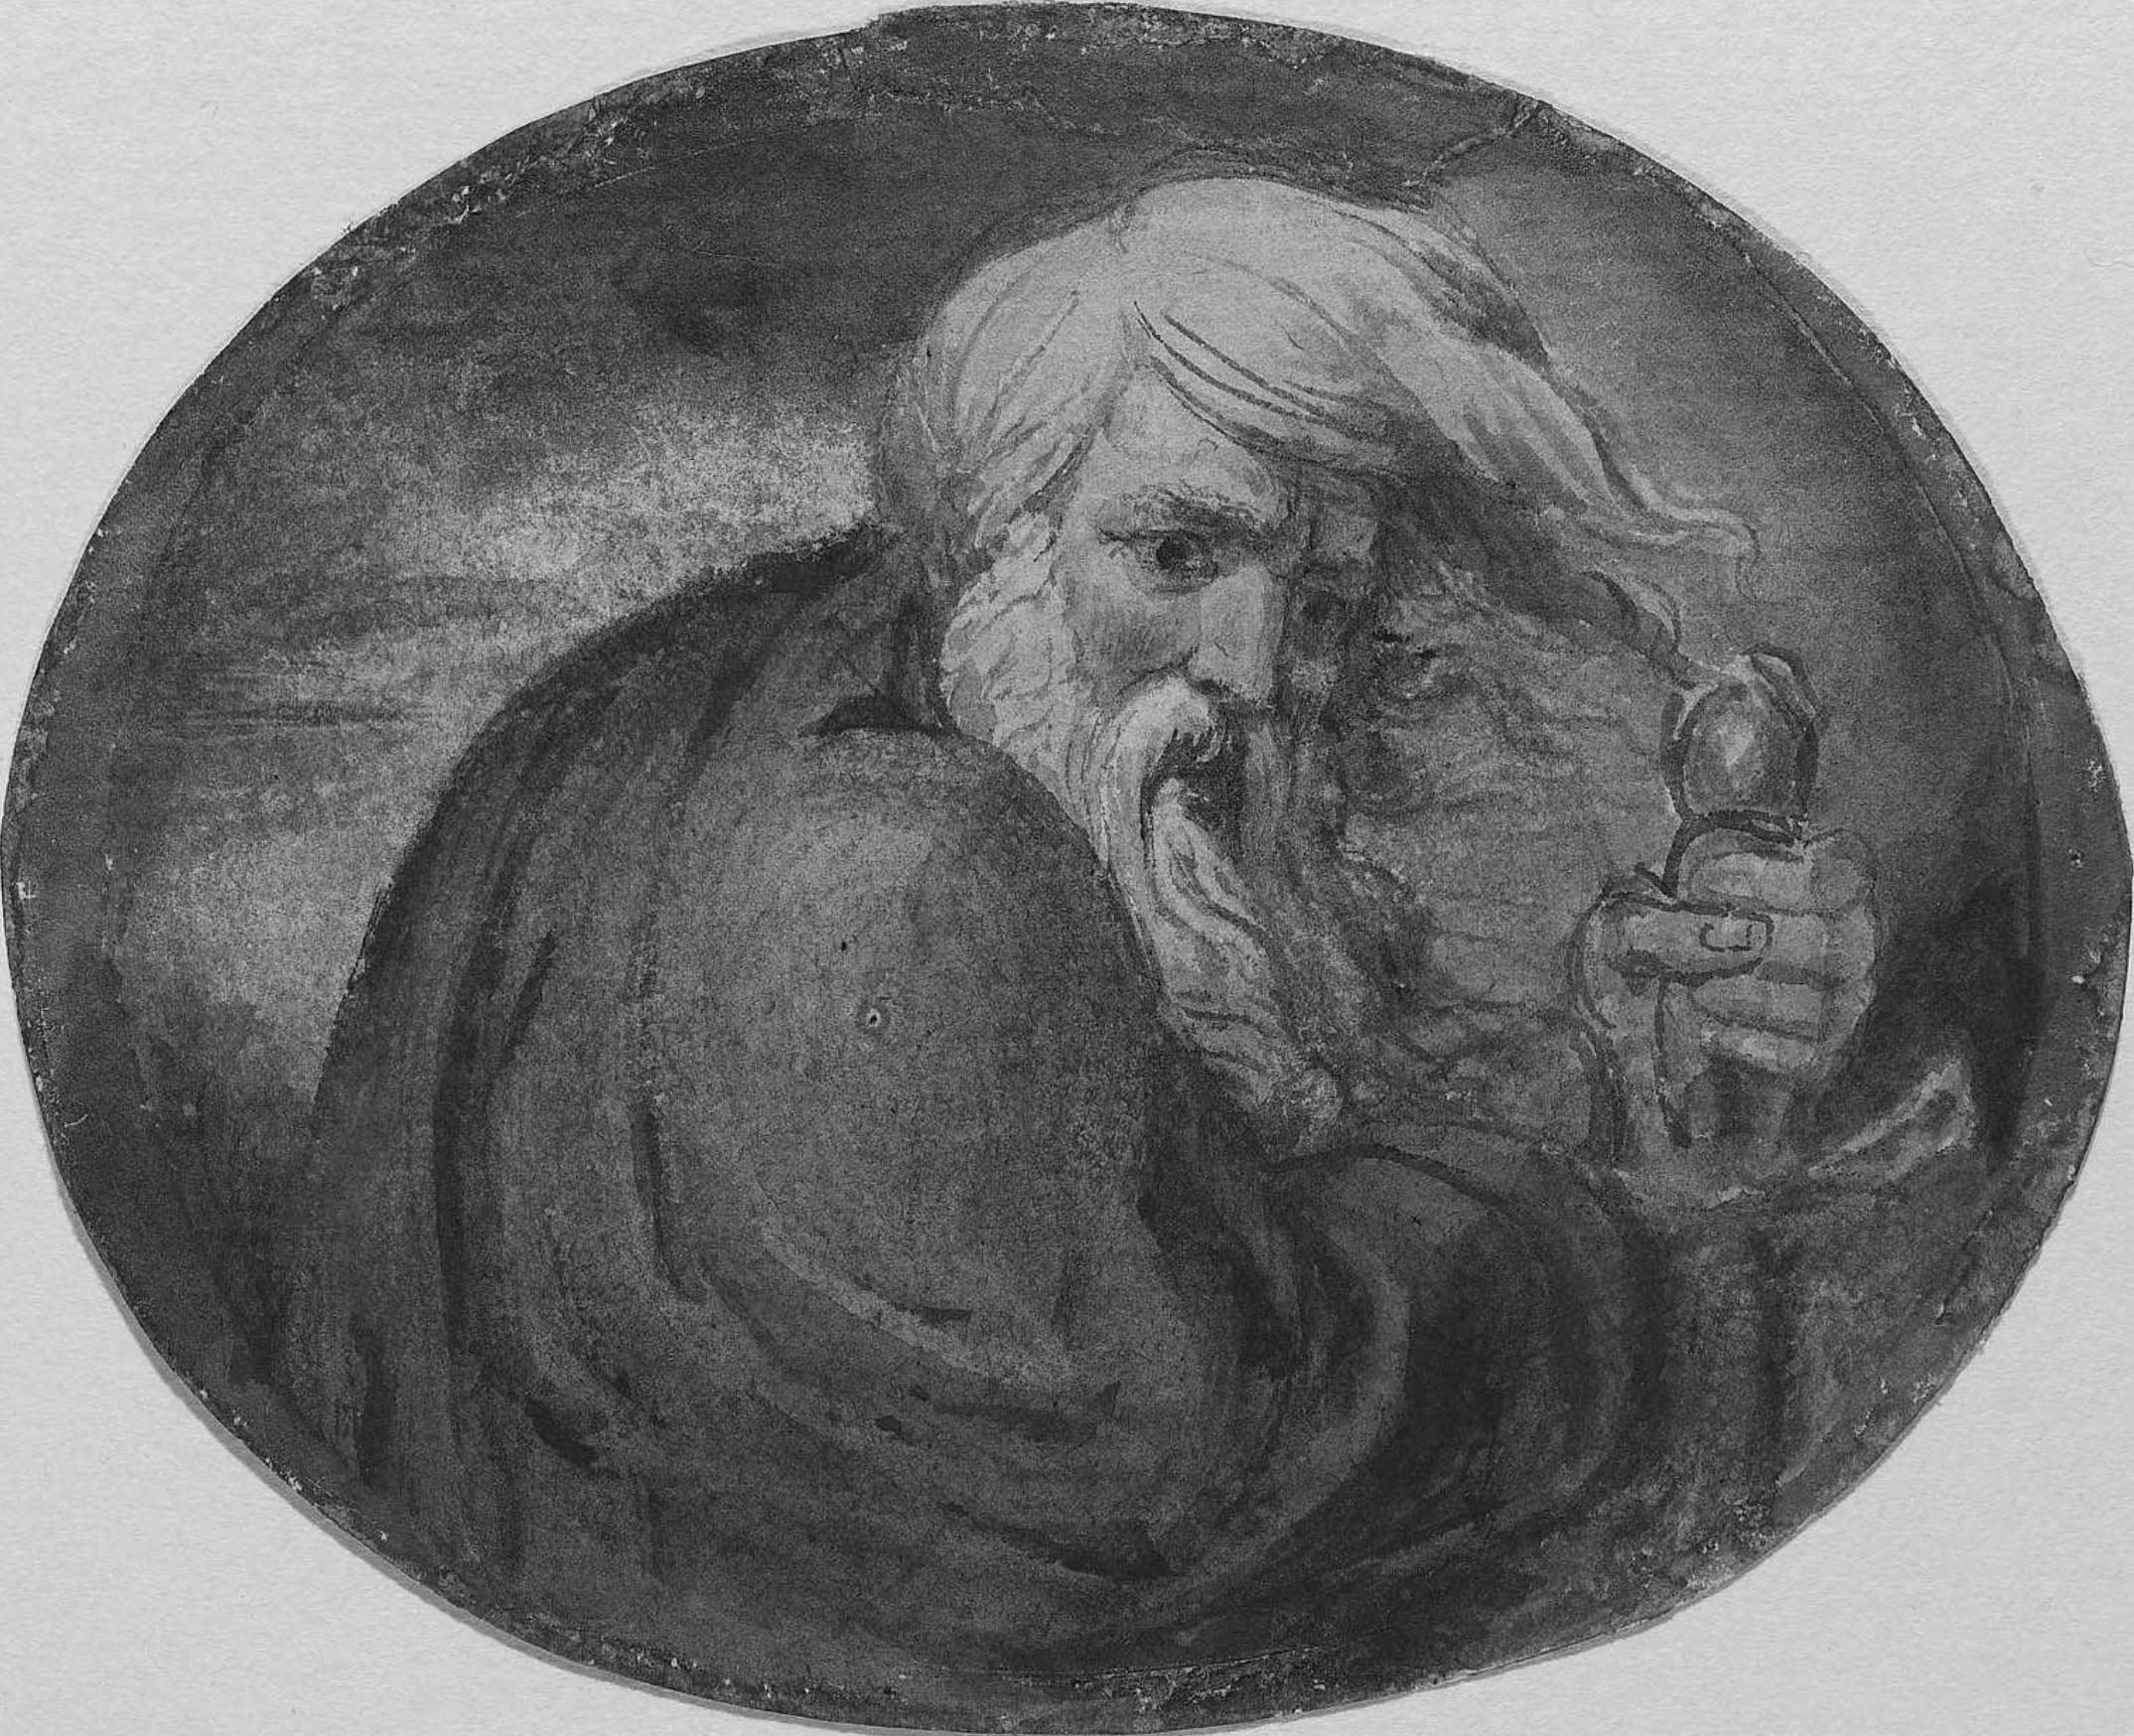 Tolstoi estaba huyendo de algo — Calle del Orco